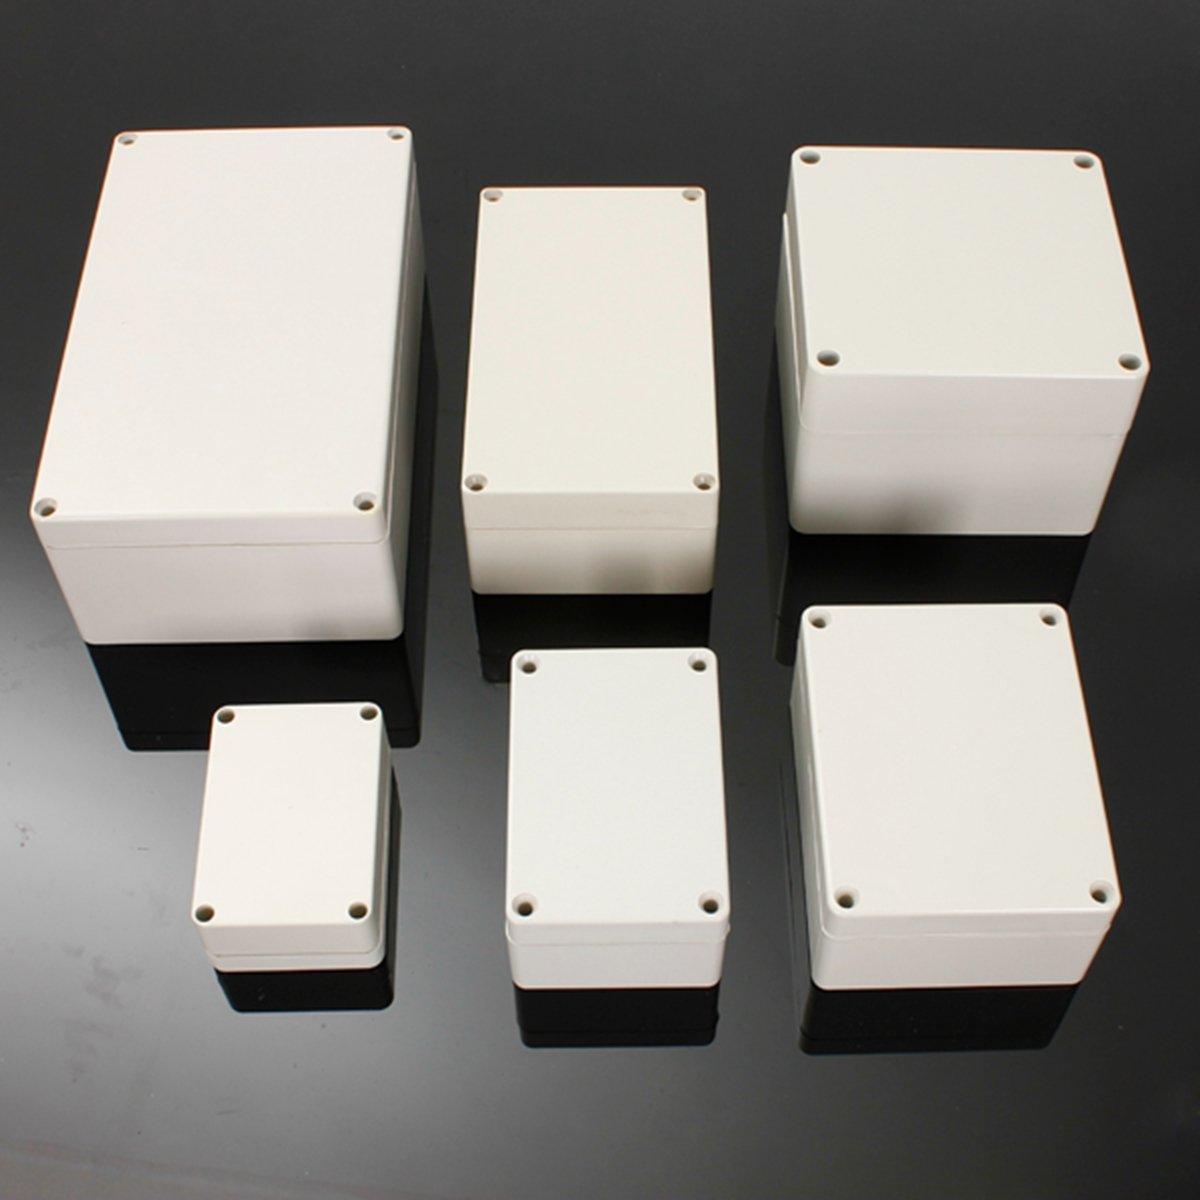 Bo/îtier de raccordement /étanche IP65 Bo/îtier de d/érivation Bo/îtier en plastique Pour bricolage gris Connexion de c/âblage